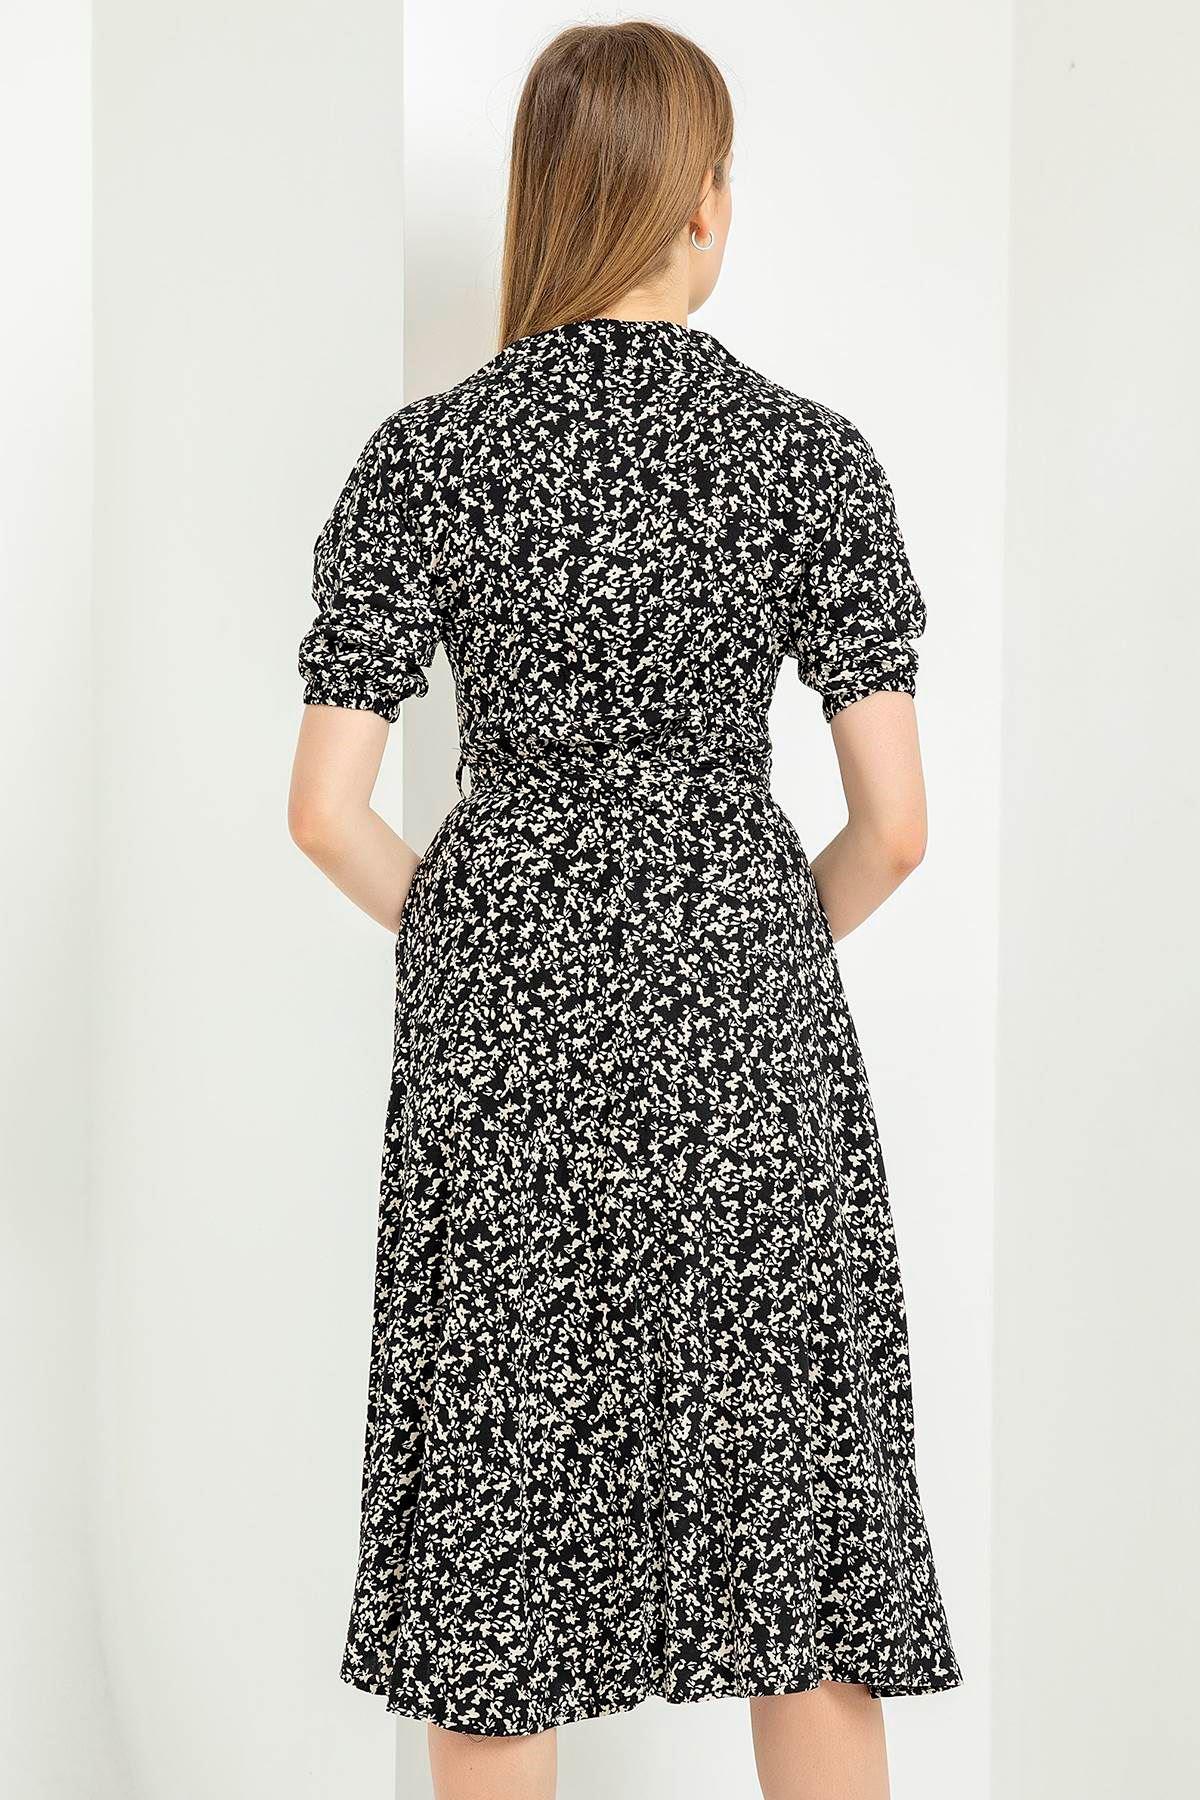 Balon Kol Kemerli Elbise-Siyah